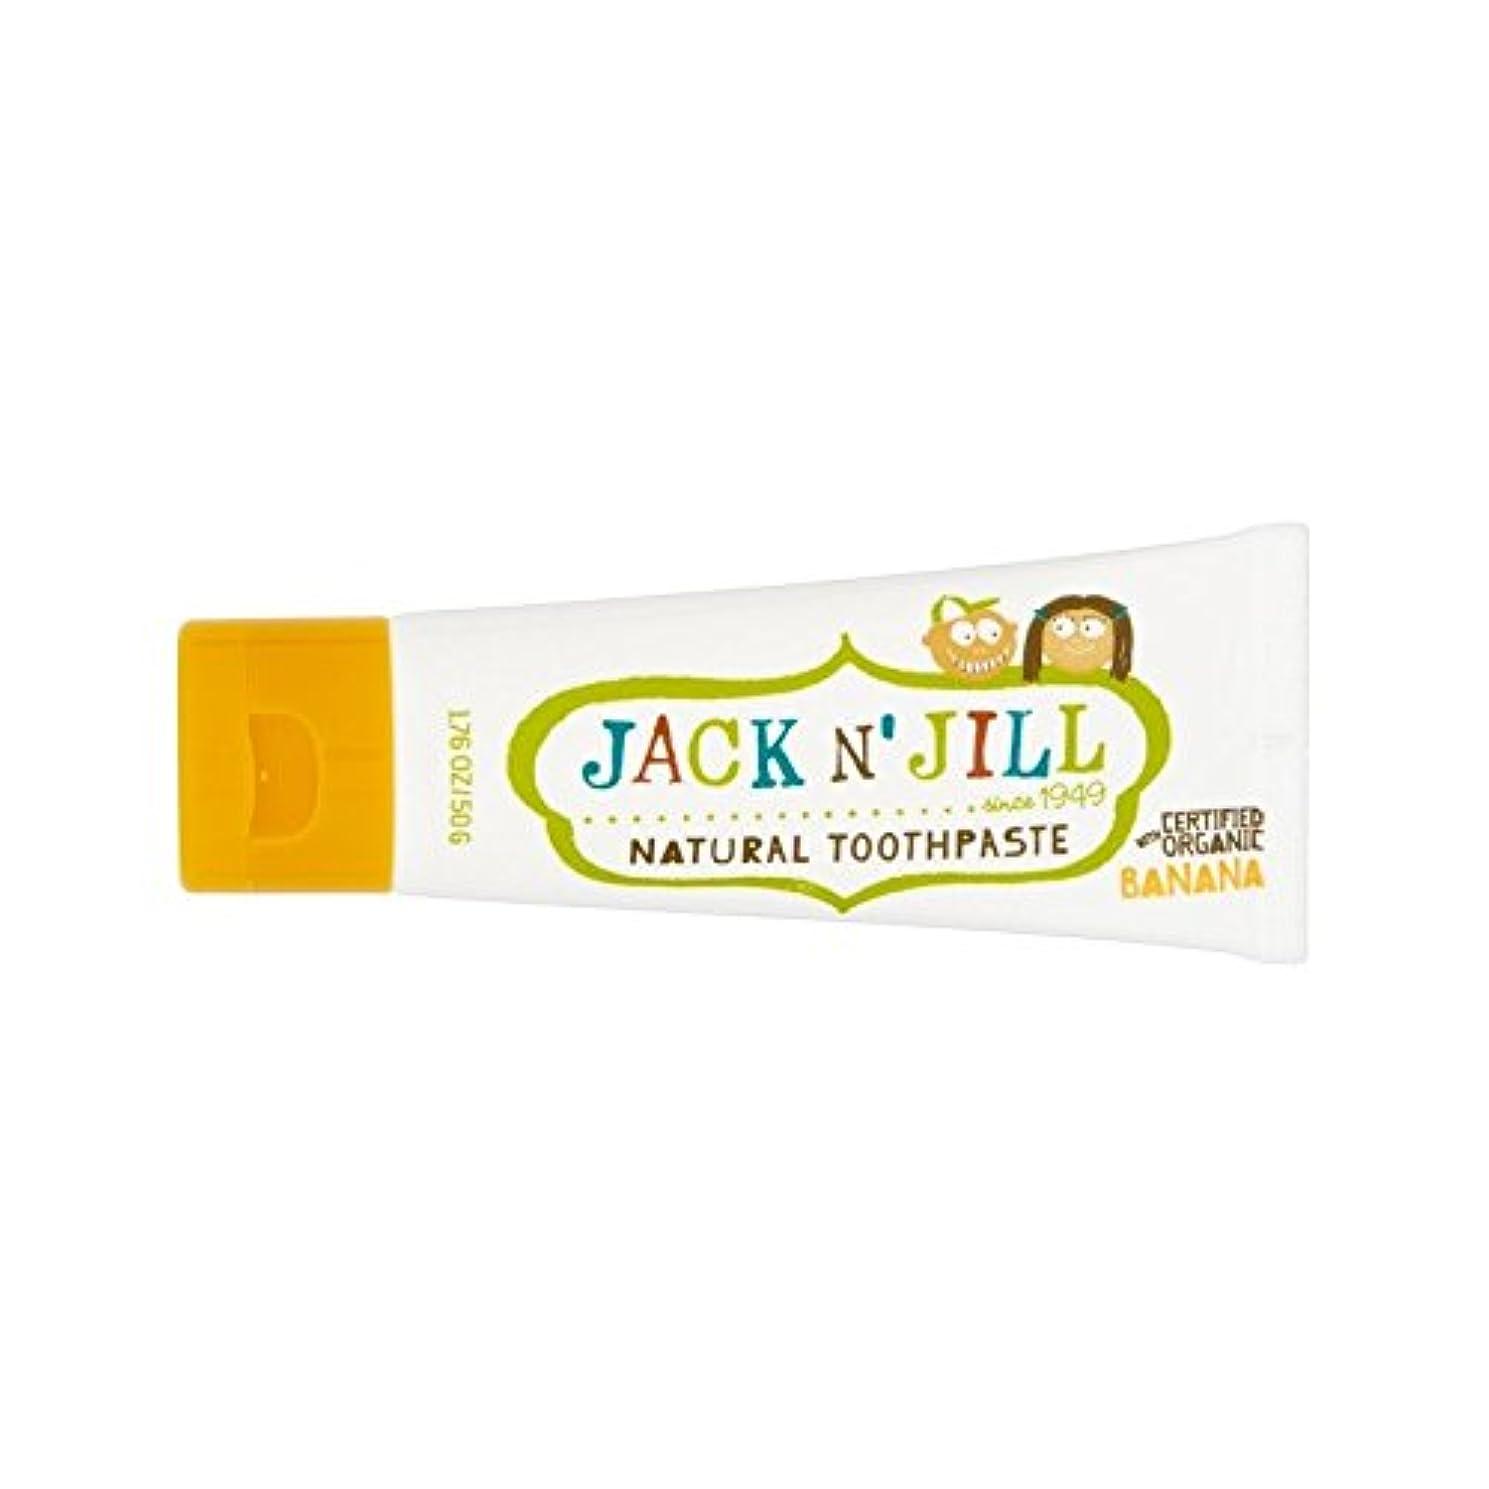 スカリー宣教師側溝有機香味50グラムと自然バナナ歯磨き粉 (Jack N Jill) (x 6) - Jack N' Jill Banana Toothpaste Natural with Organic Flavouring 50g (...